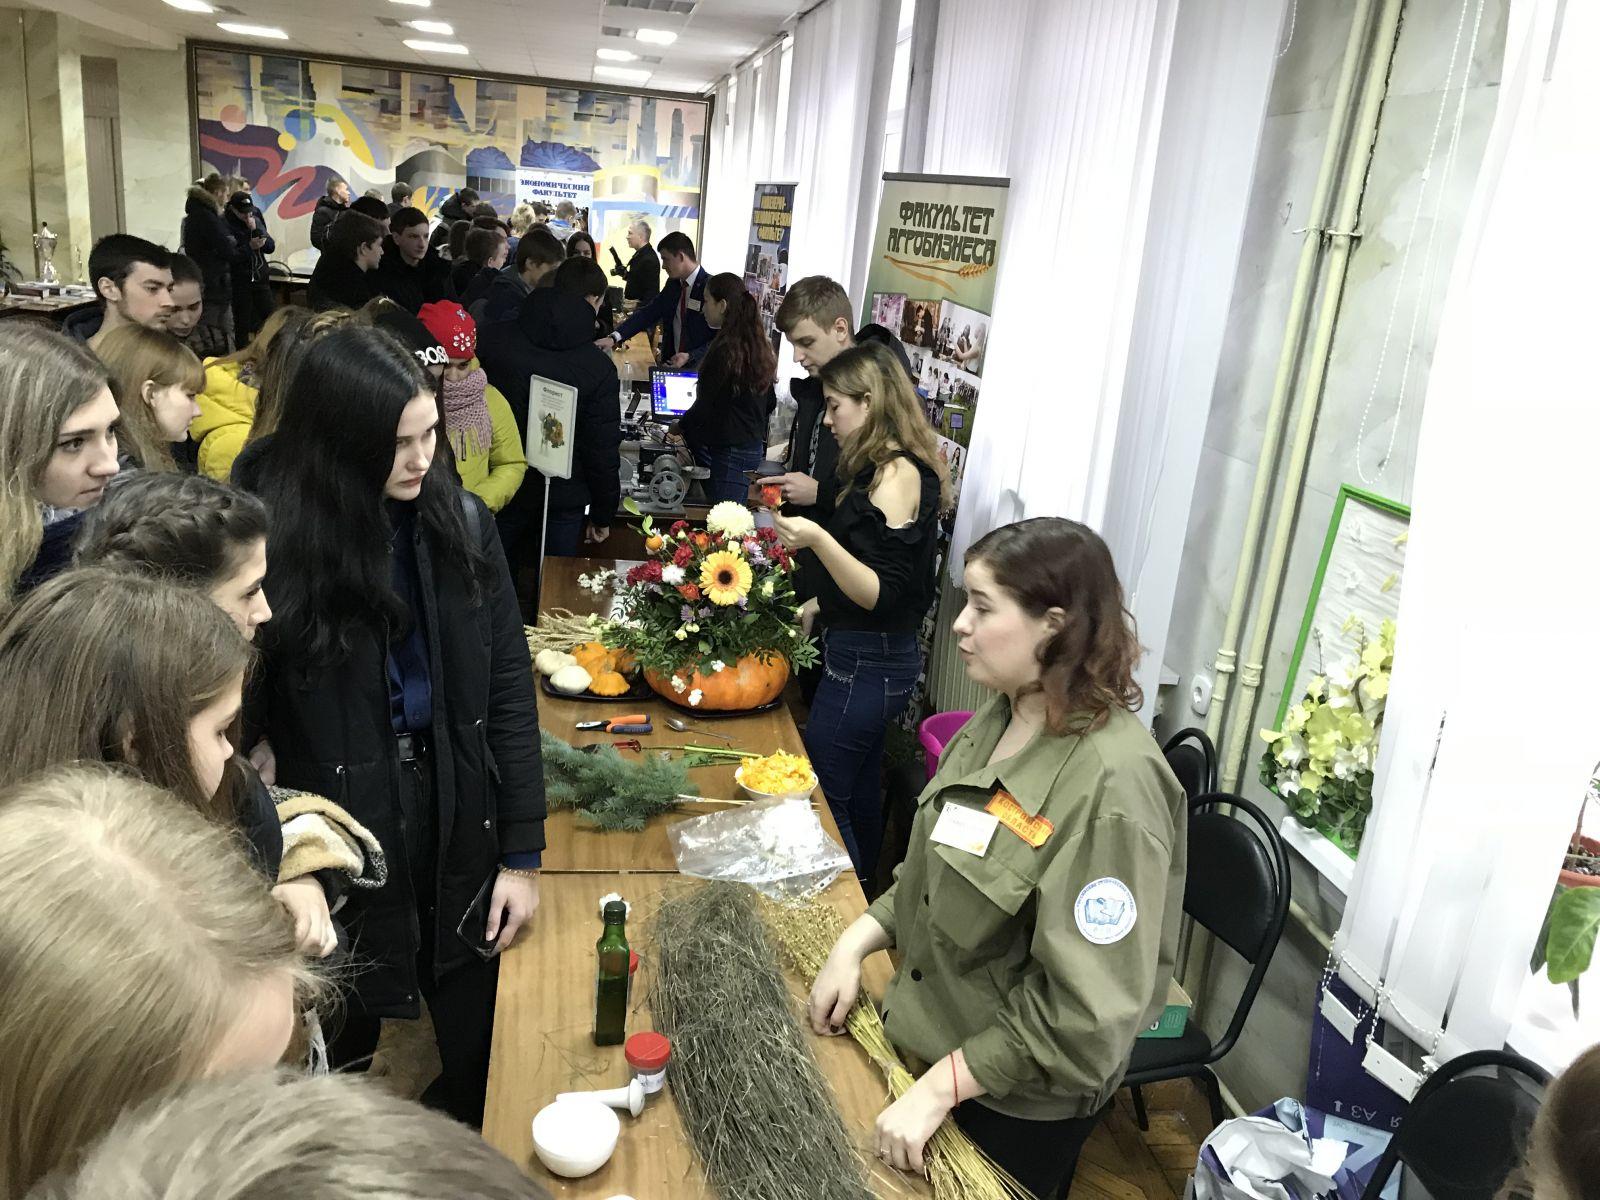 Сегодня в Костромской сельскохозяйственной академии пройдёт день открытых дверей для старшеклассников